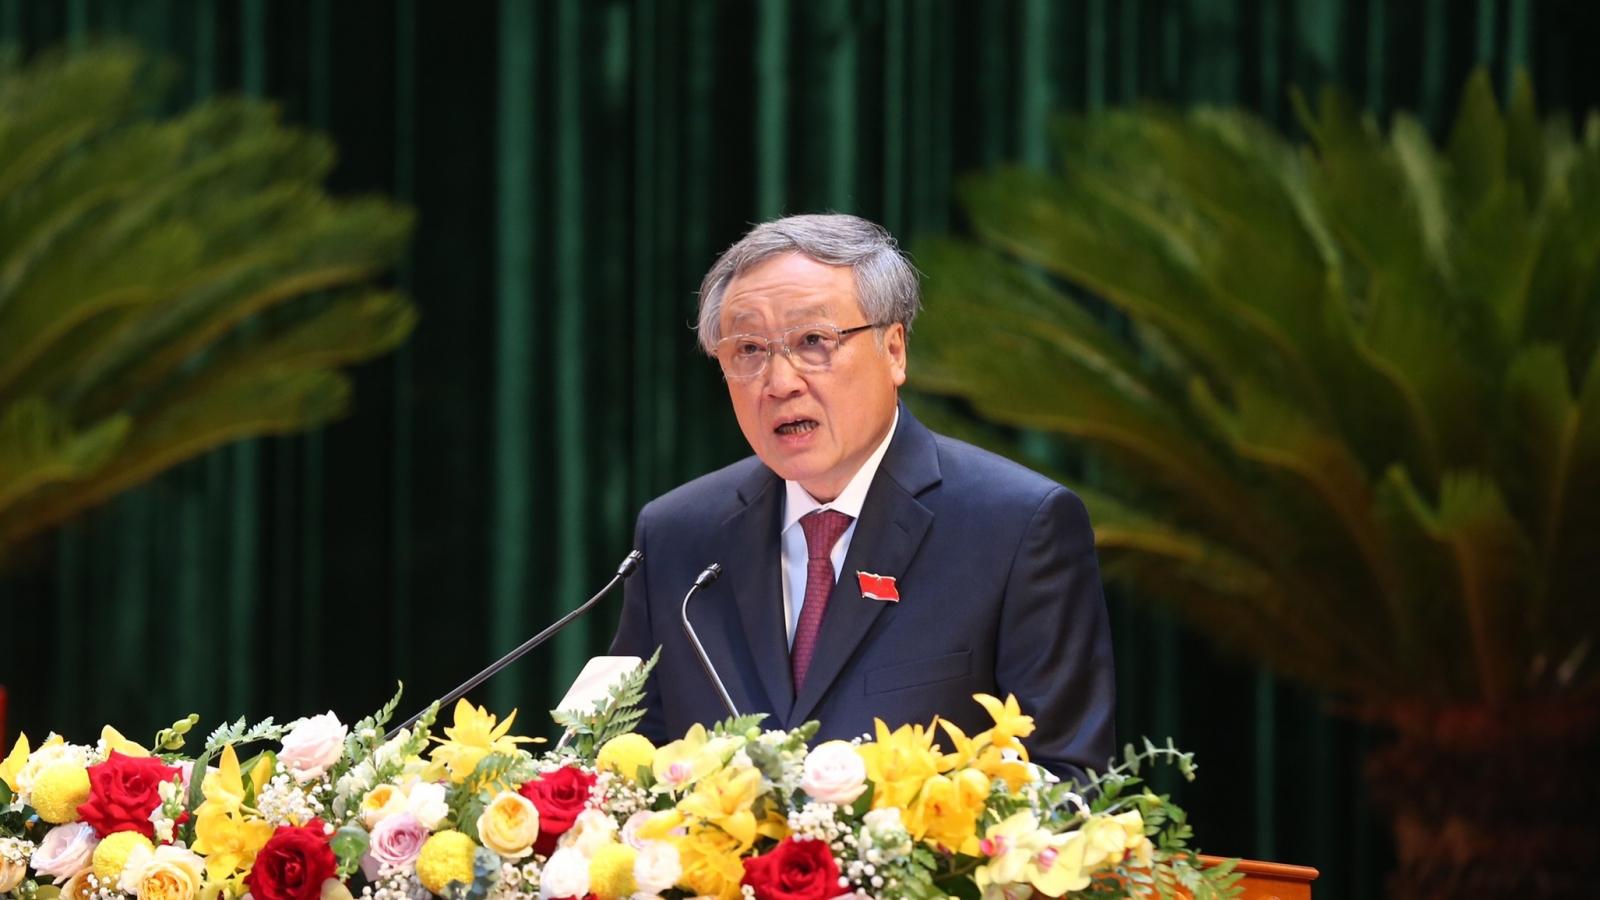 Bắc Giang cần đẩy mạnh phát triển kinh tế nhanh nhưng phải bền vững